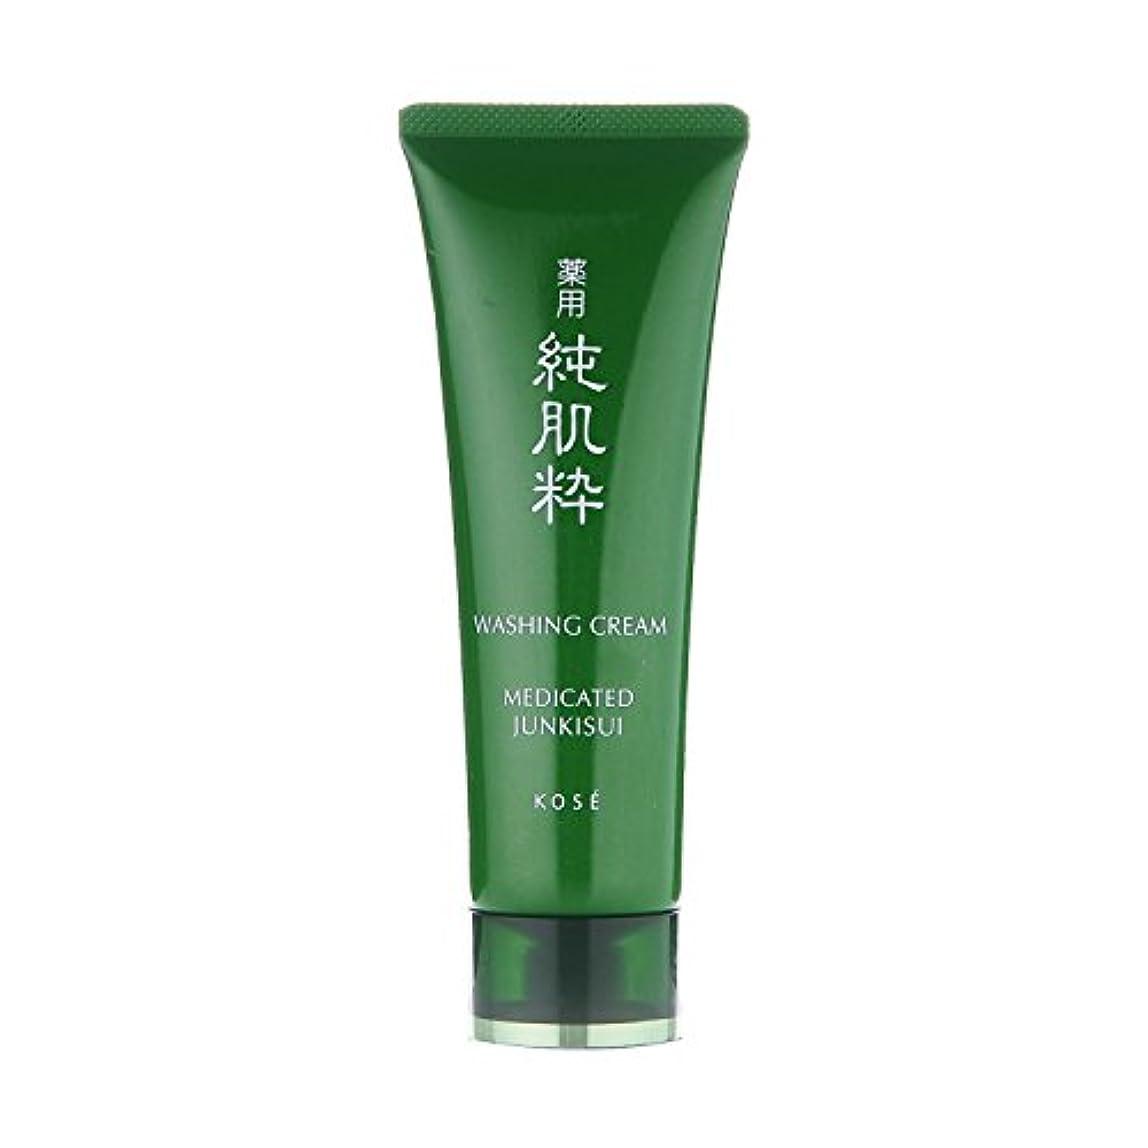 無条件ビーチデイジー薬用 純肌粋 洗顔クリーム 120g <24304>